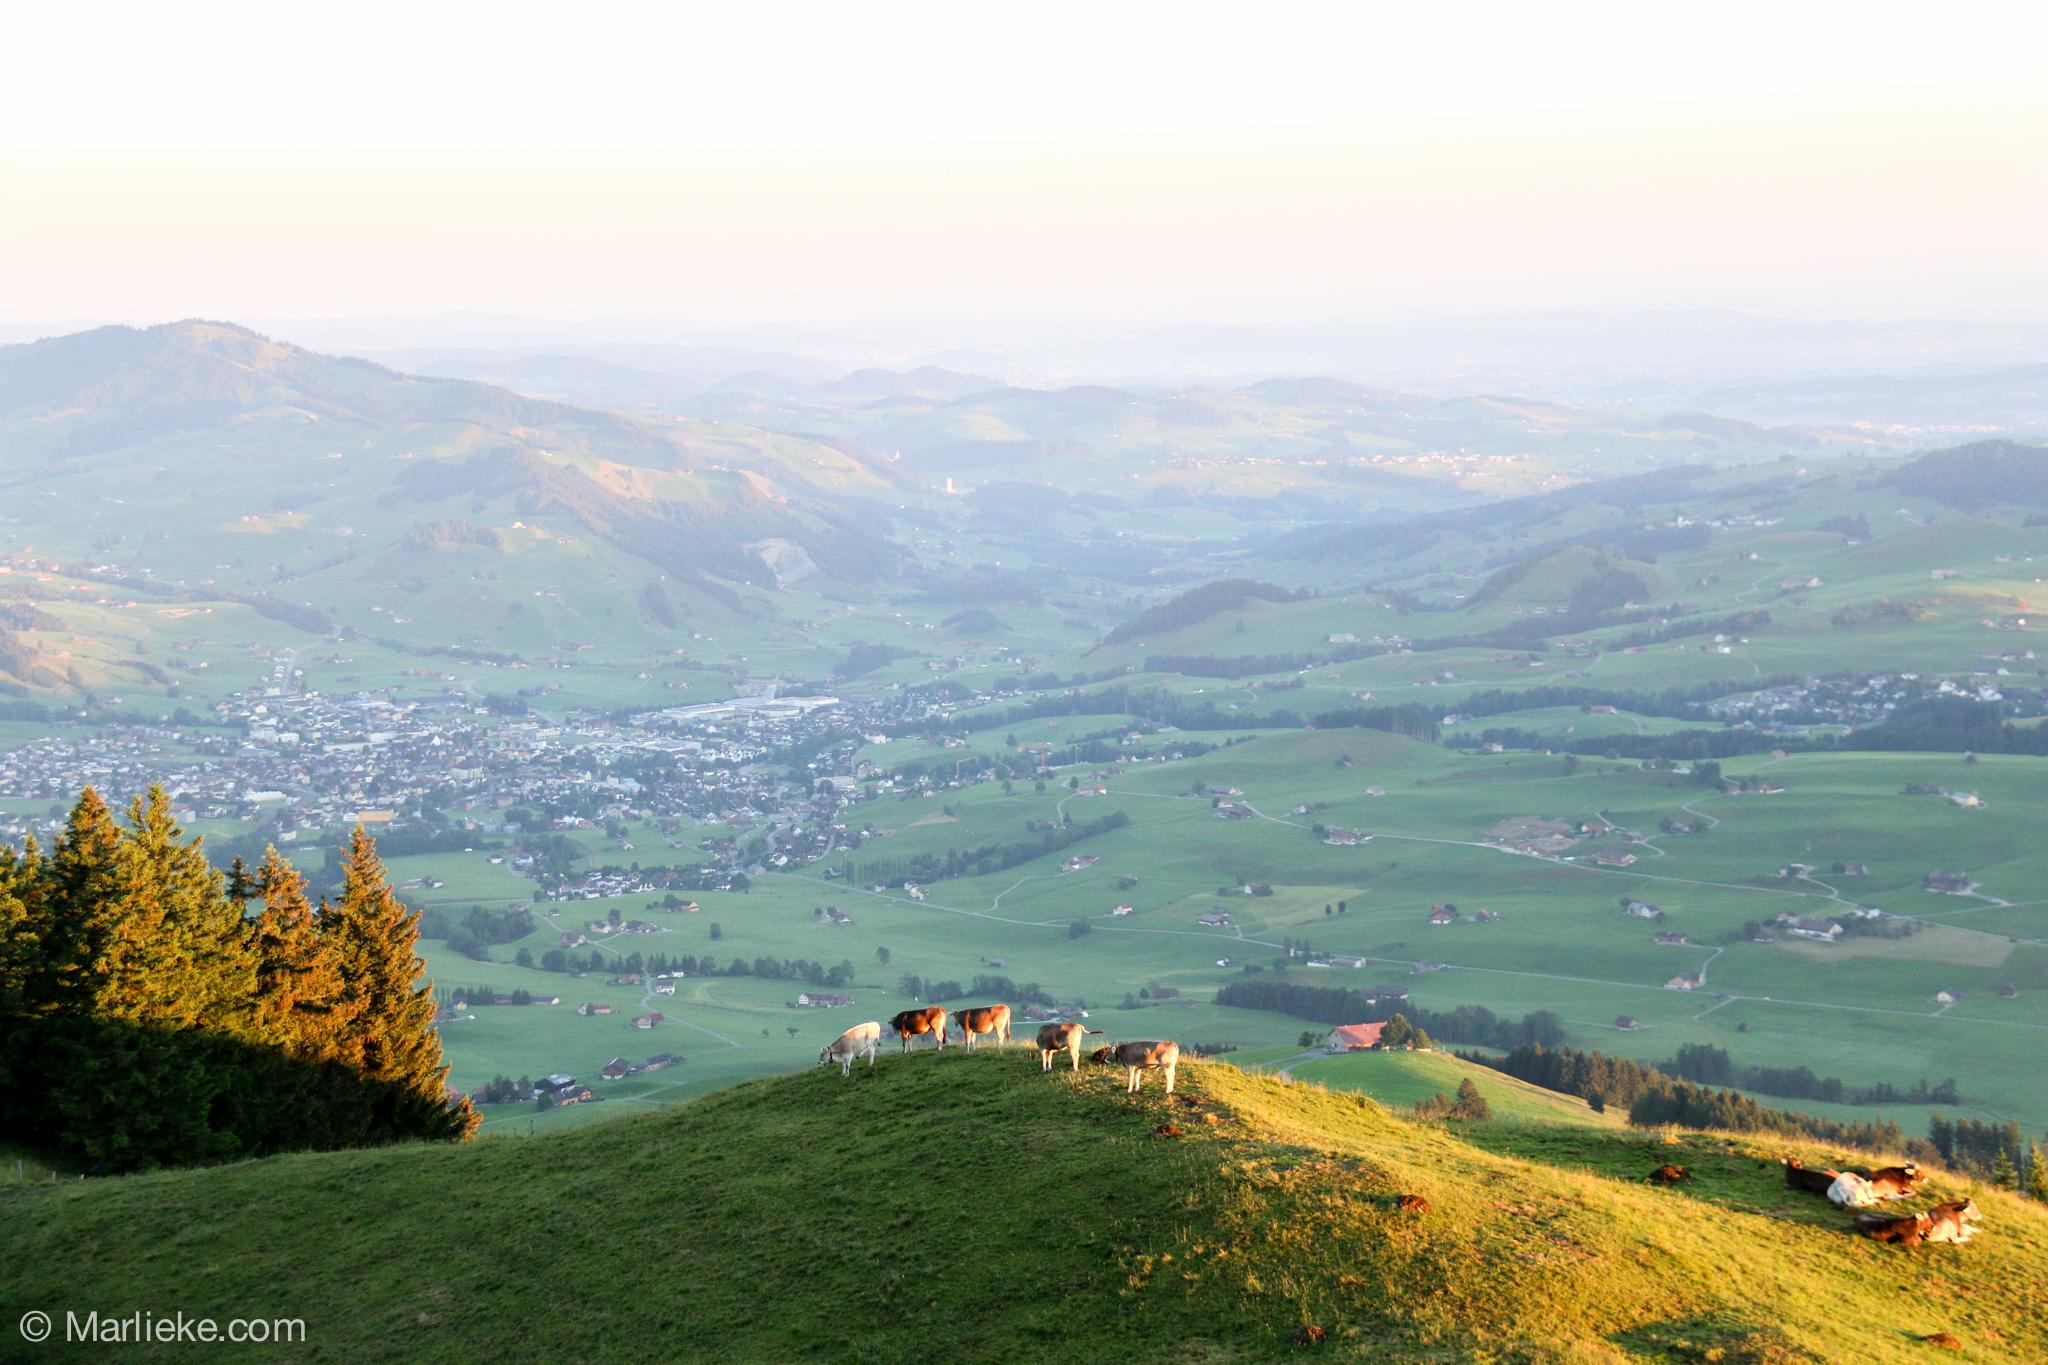 En aan de andere kant een fantastisch uitzicht!